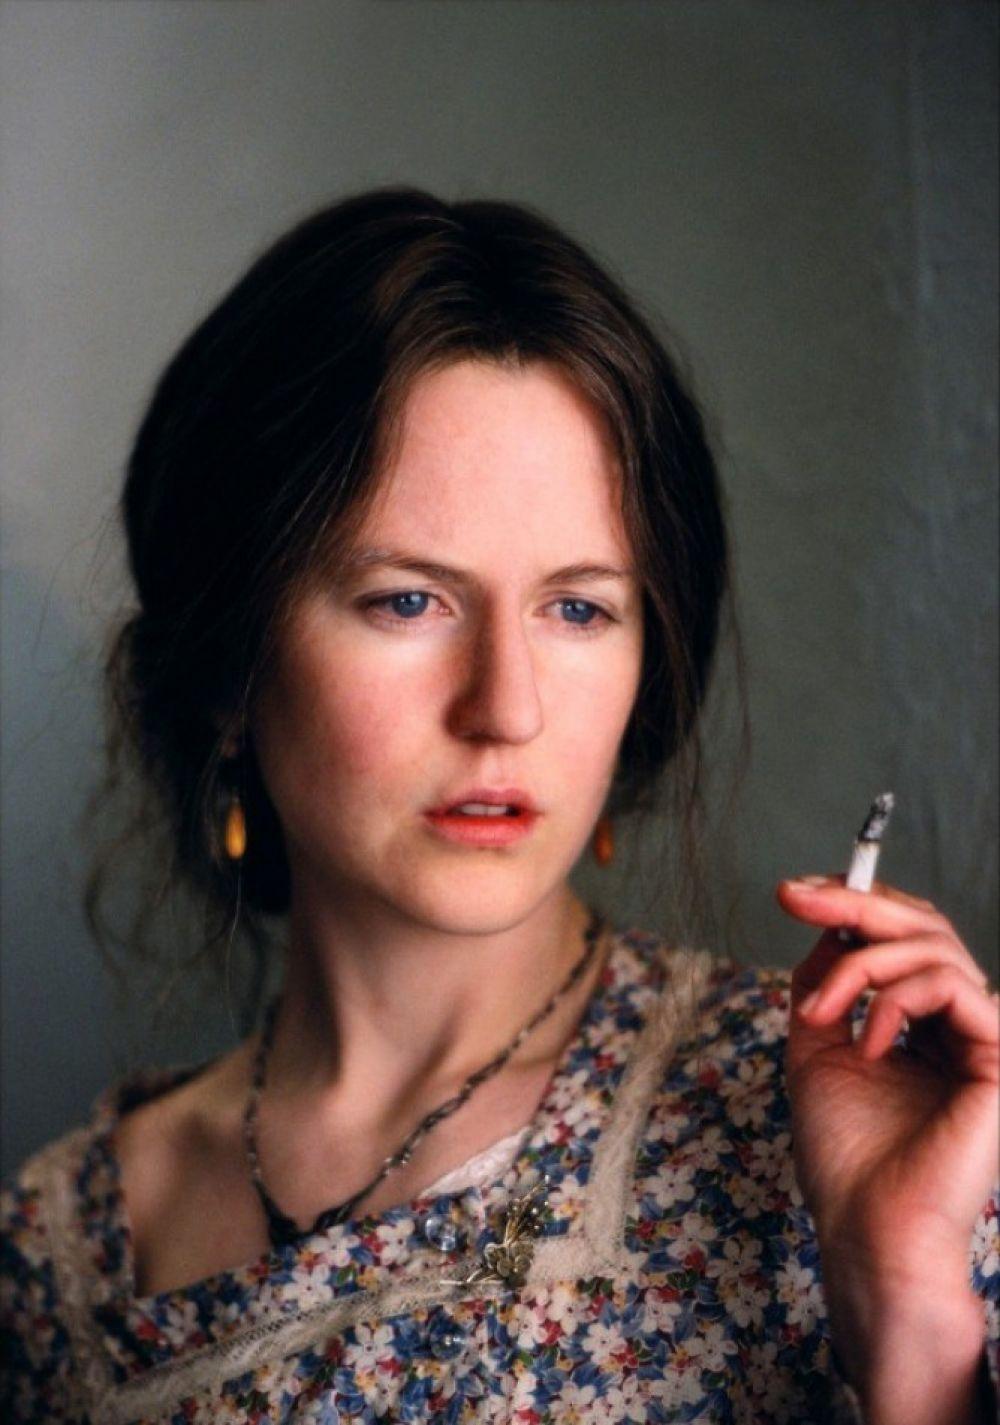 2000-ые годы для Кидман - это период  глубоких, разнообразных ролей и работа со знаковыми режиссерами современности. Роль  Грейс Стюарт в триллере Алехандро Аменабара «Другие» (2001), Вирджинии Вулф в фильме Стивена Долдри «Часы» (2002), за которую актриса получила «Оскара» в номинации «Лучшая женская роль», Грейс в «Догвилле» (2003) Ларса фон Триера, Леди Сара Эшли в исторической драме База Лурмана «Австралия» (2009), Бекка Корьер в драме Джона Кэмерона Митчелла «Кроличья нора» (2010).